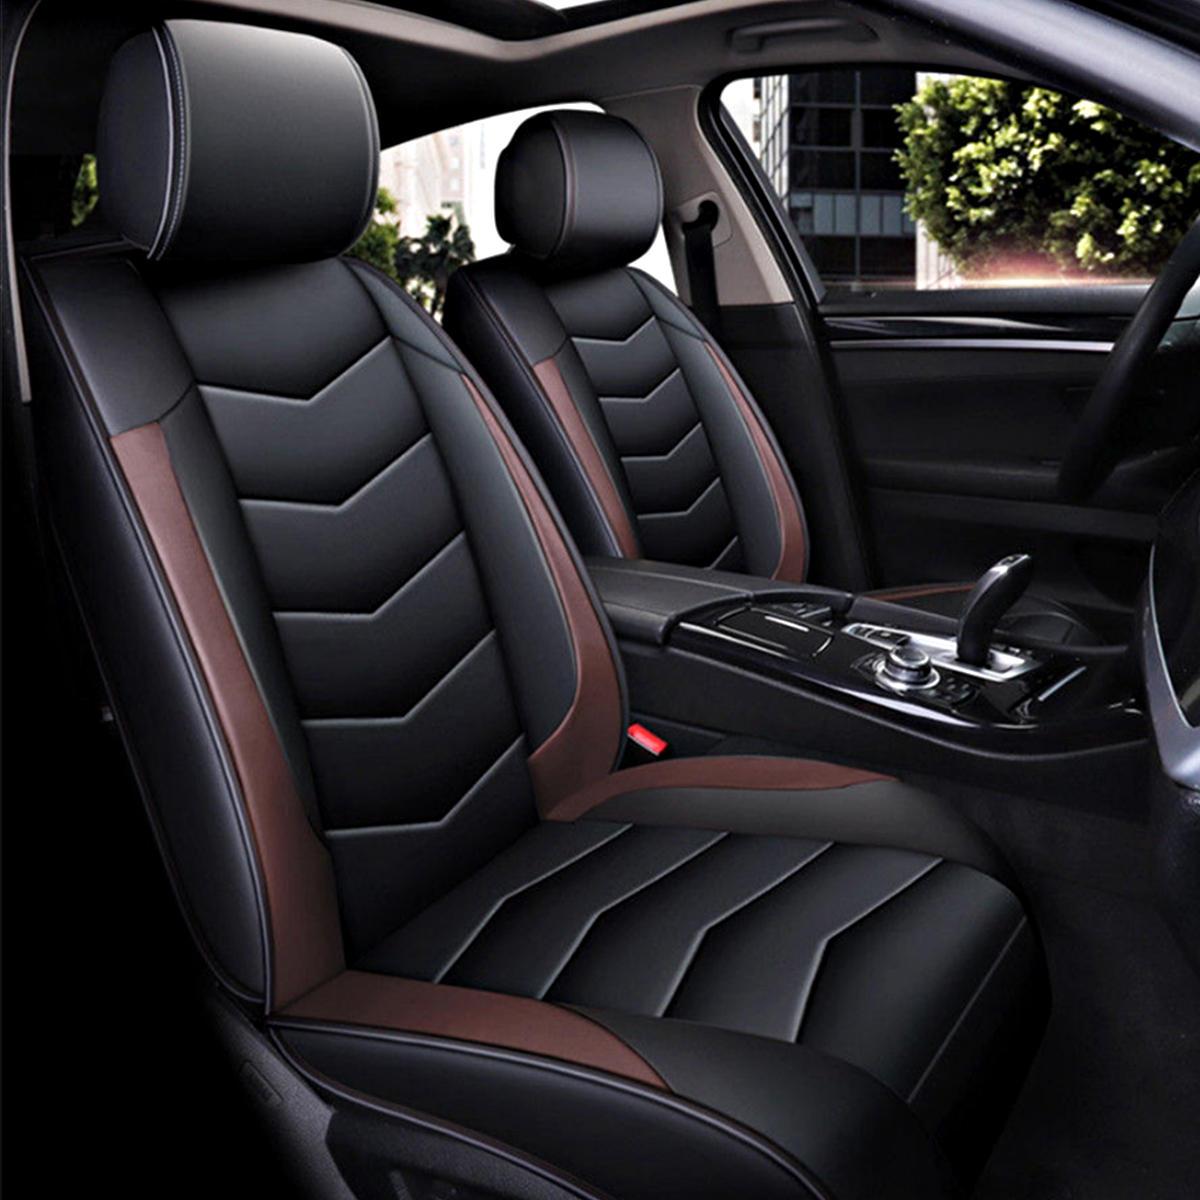 प्रूफ पु लेदर कार सीट कवर कुशन 5-सीट फ्रंट रियर पिलो 13 पीएससी किट पहनें